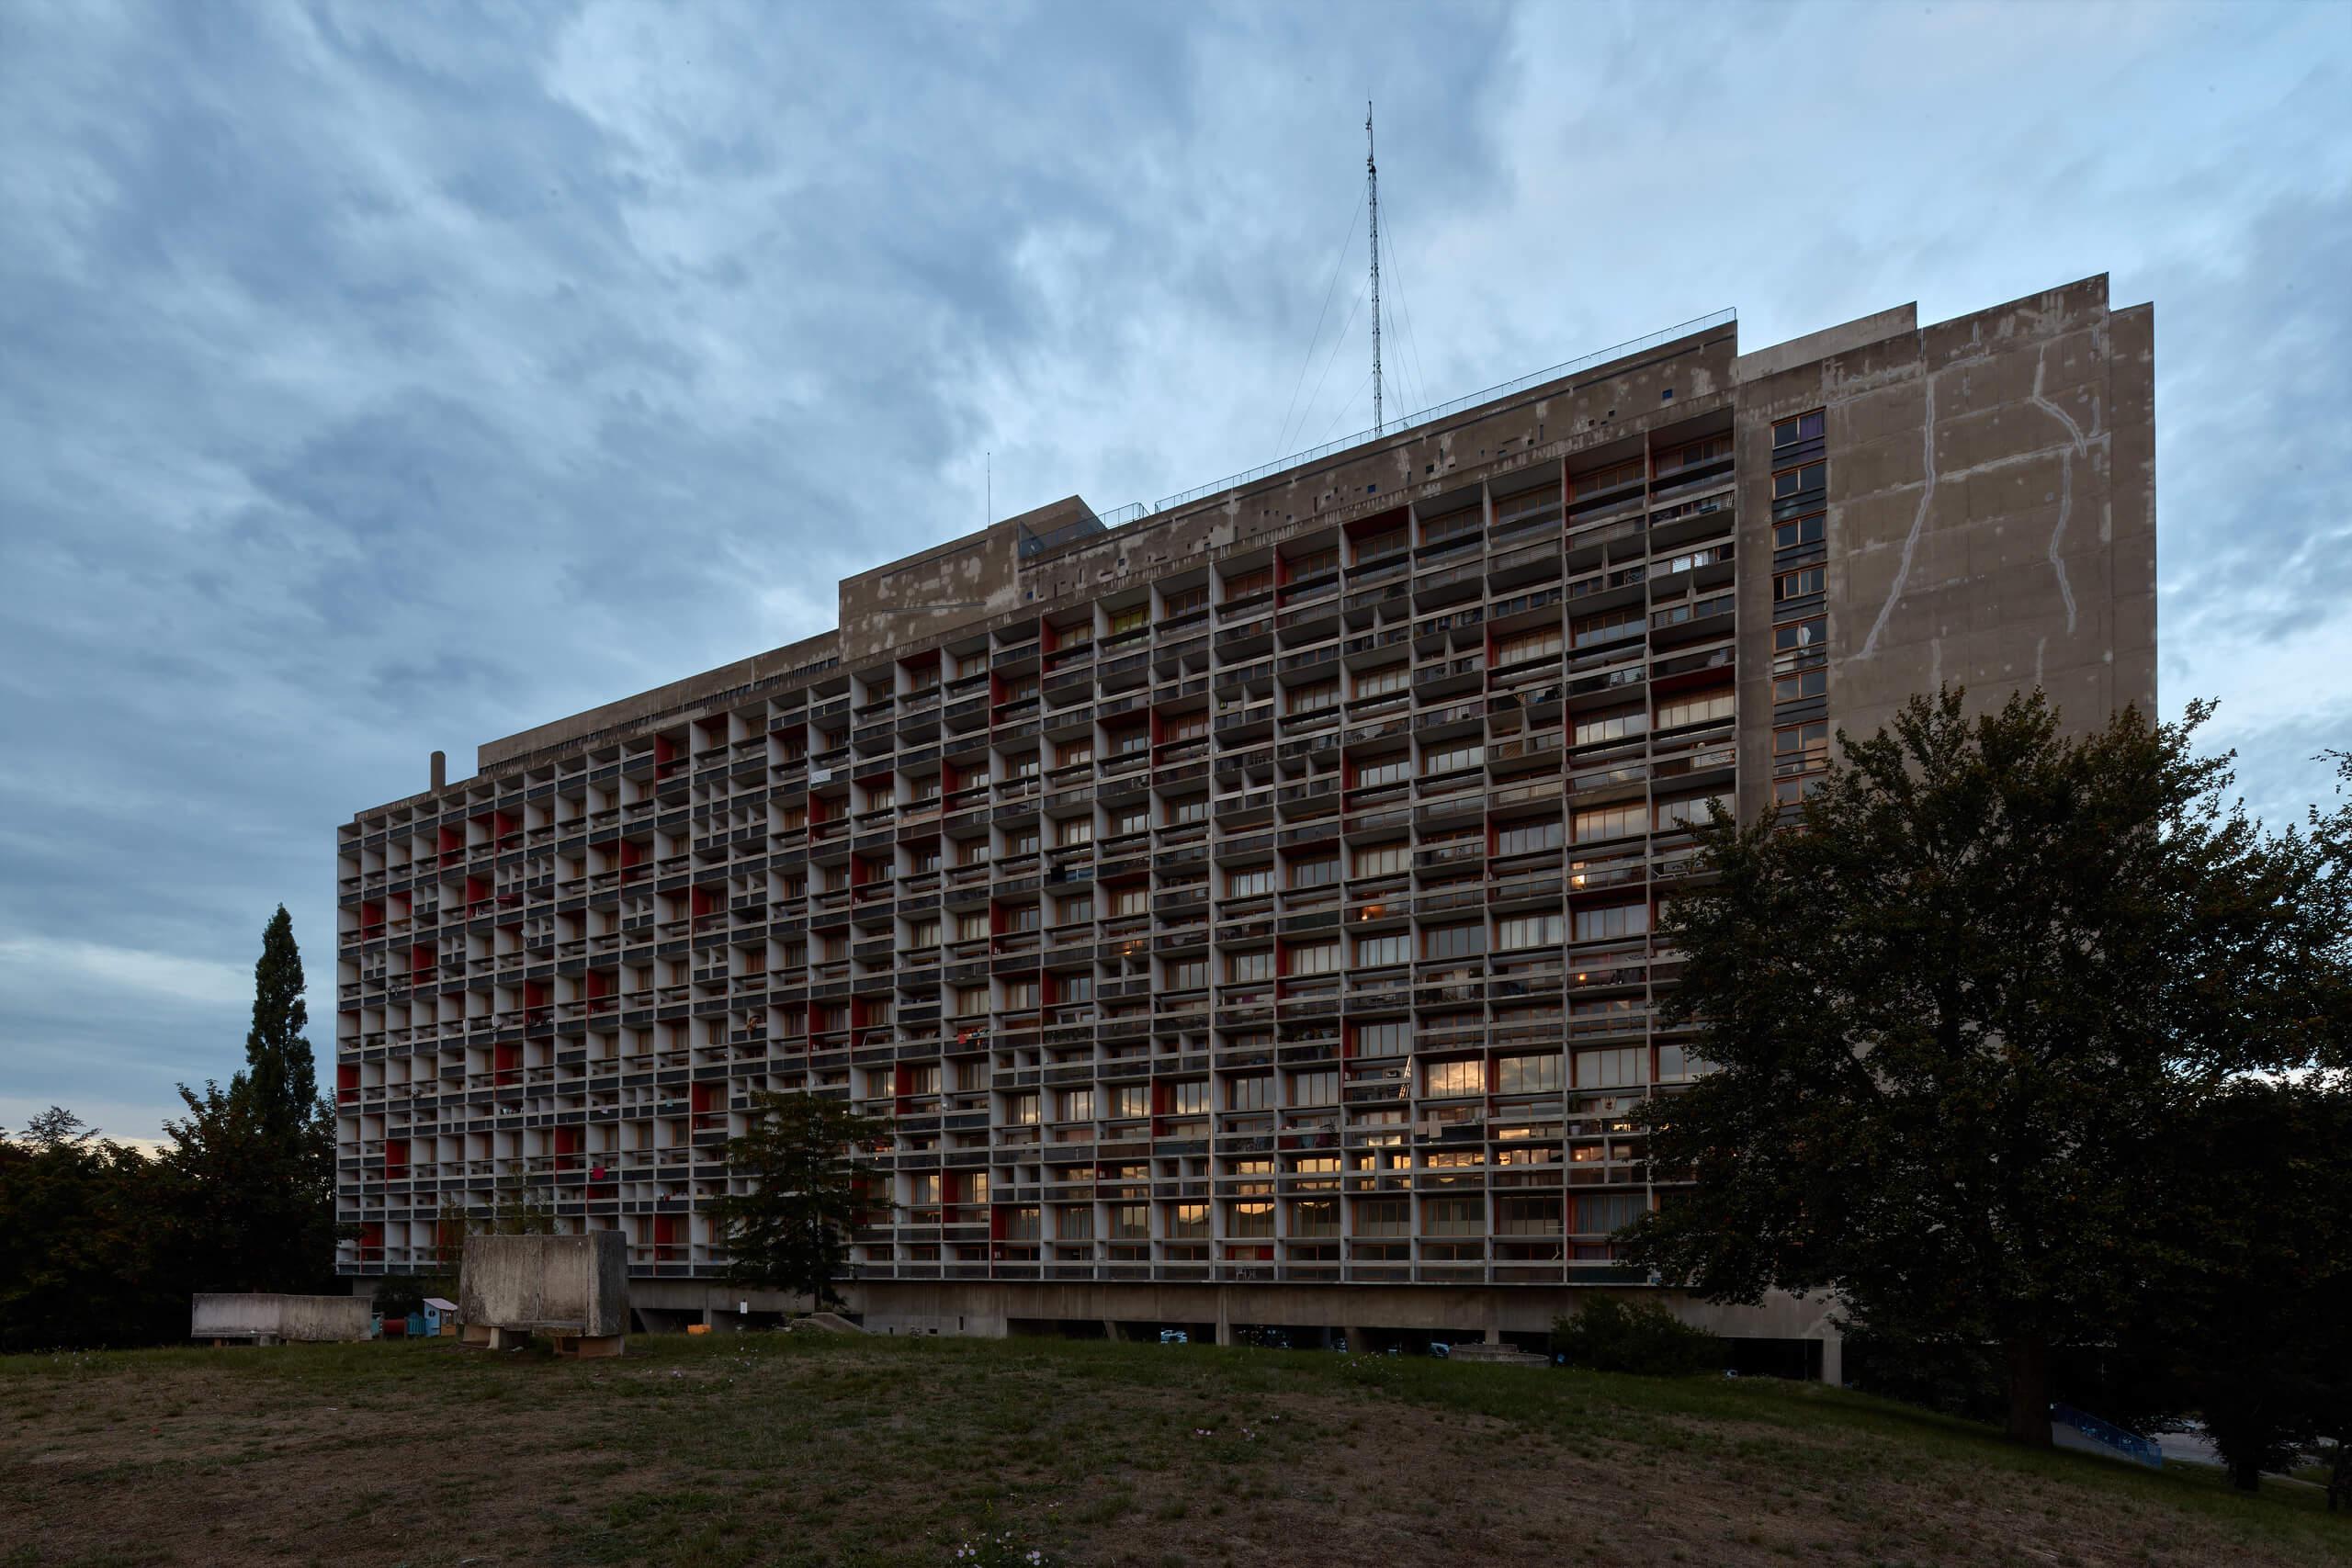 Federico_Covre_Unité_Firminy_Le_Corbusier_2018_66